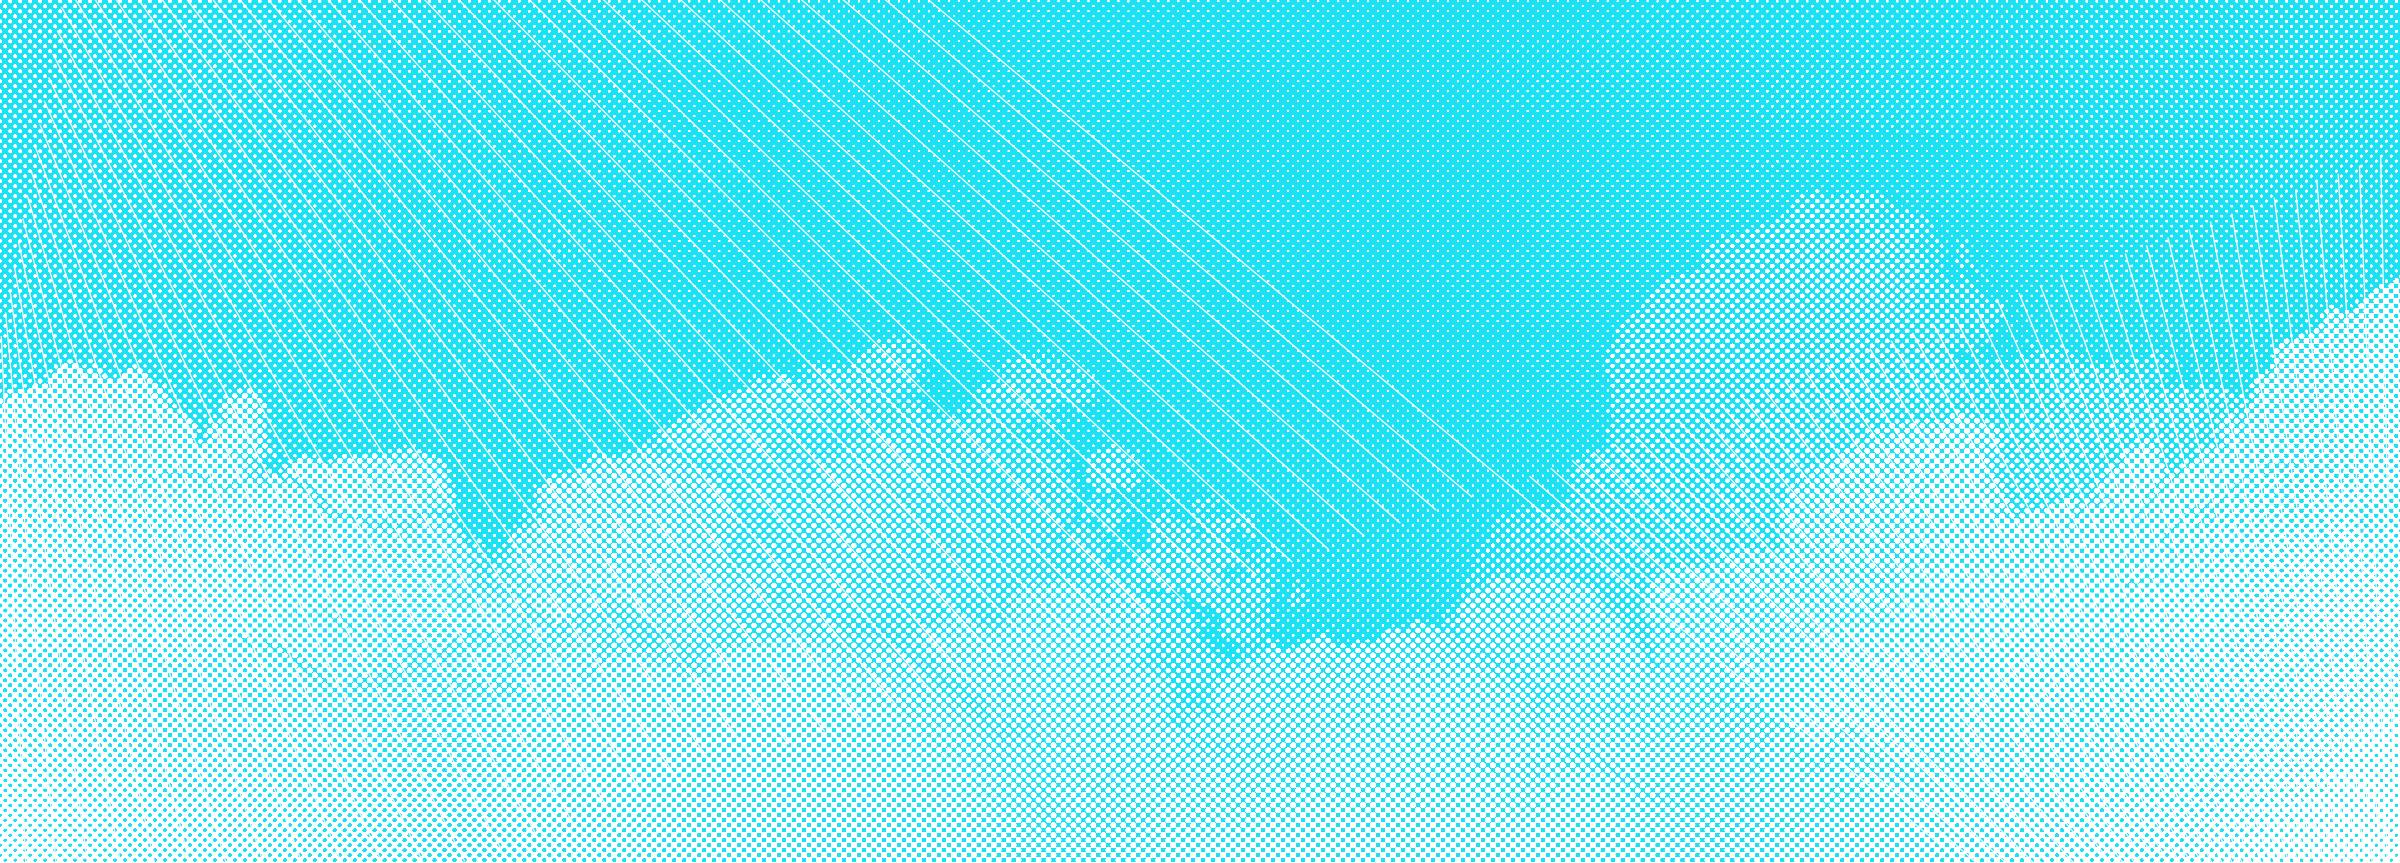 Image of Hero clouds op3